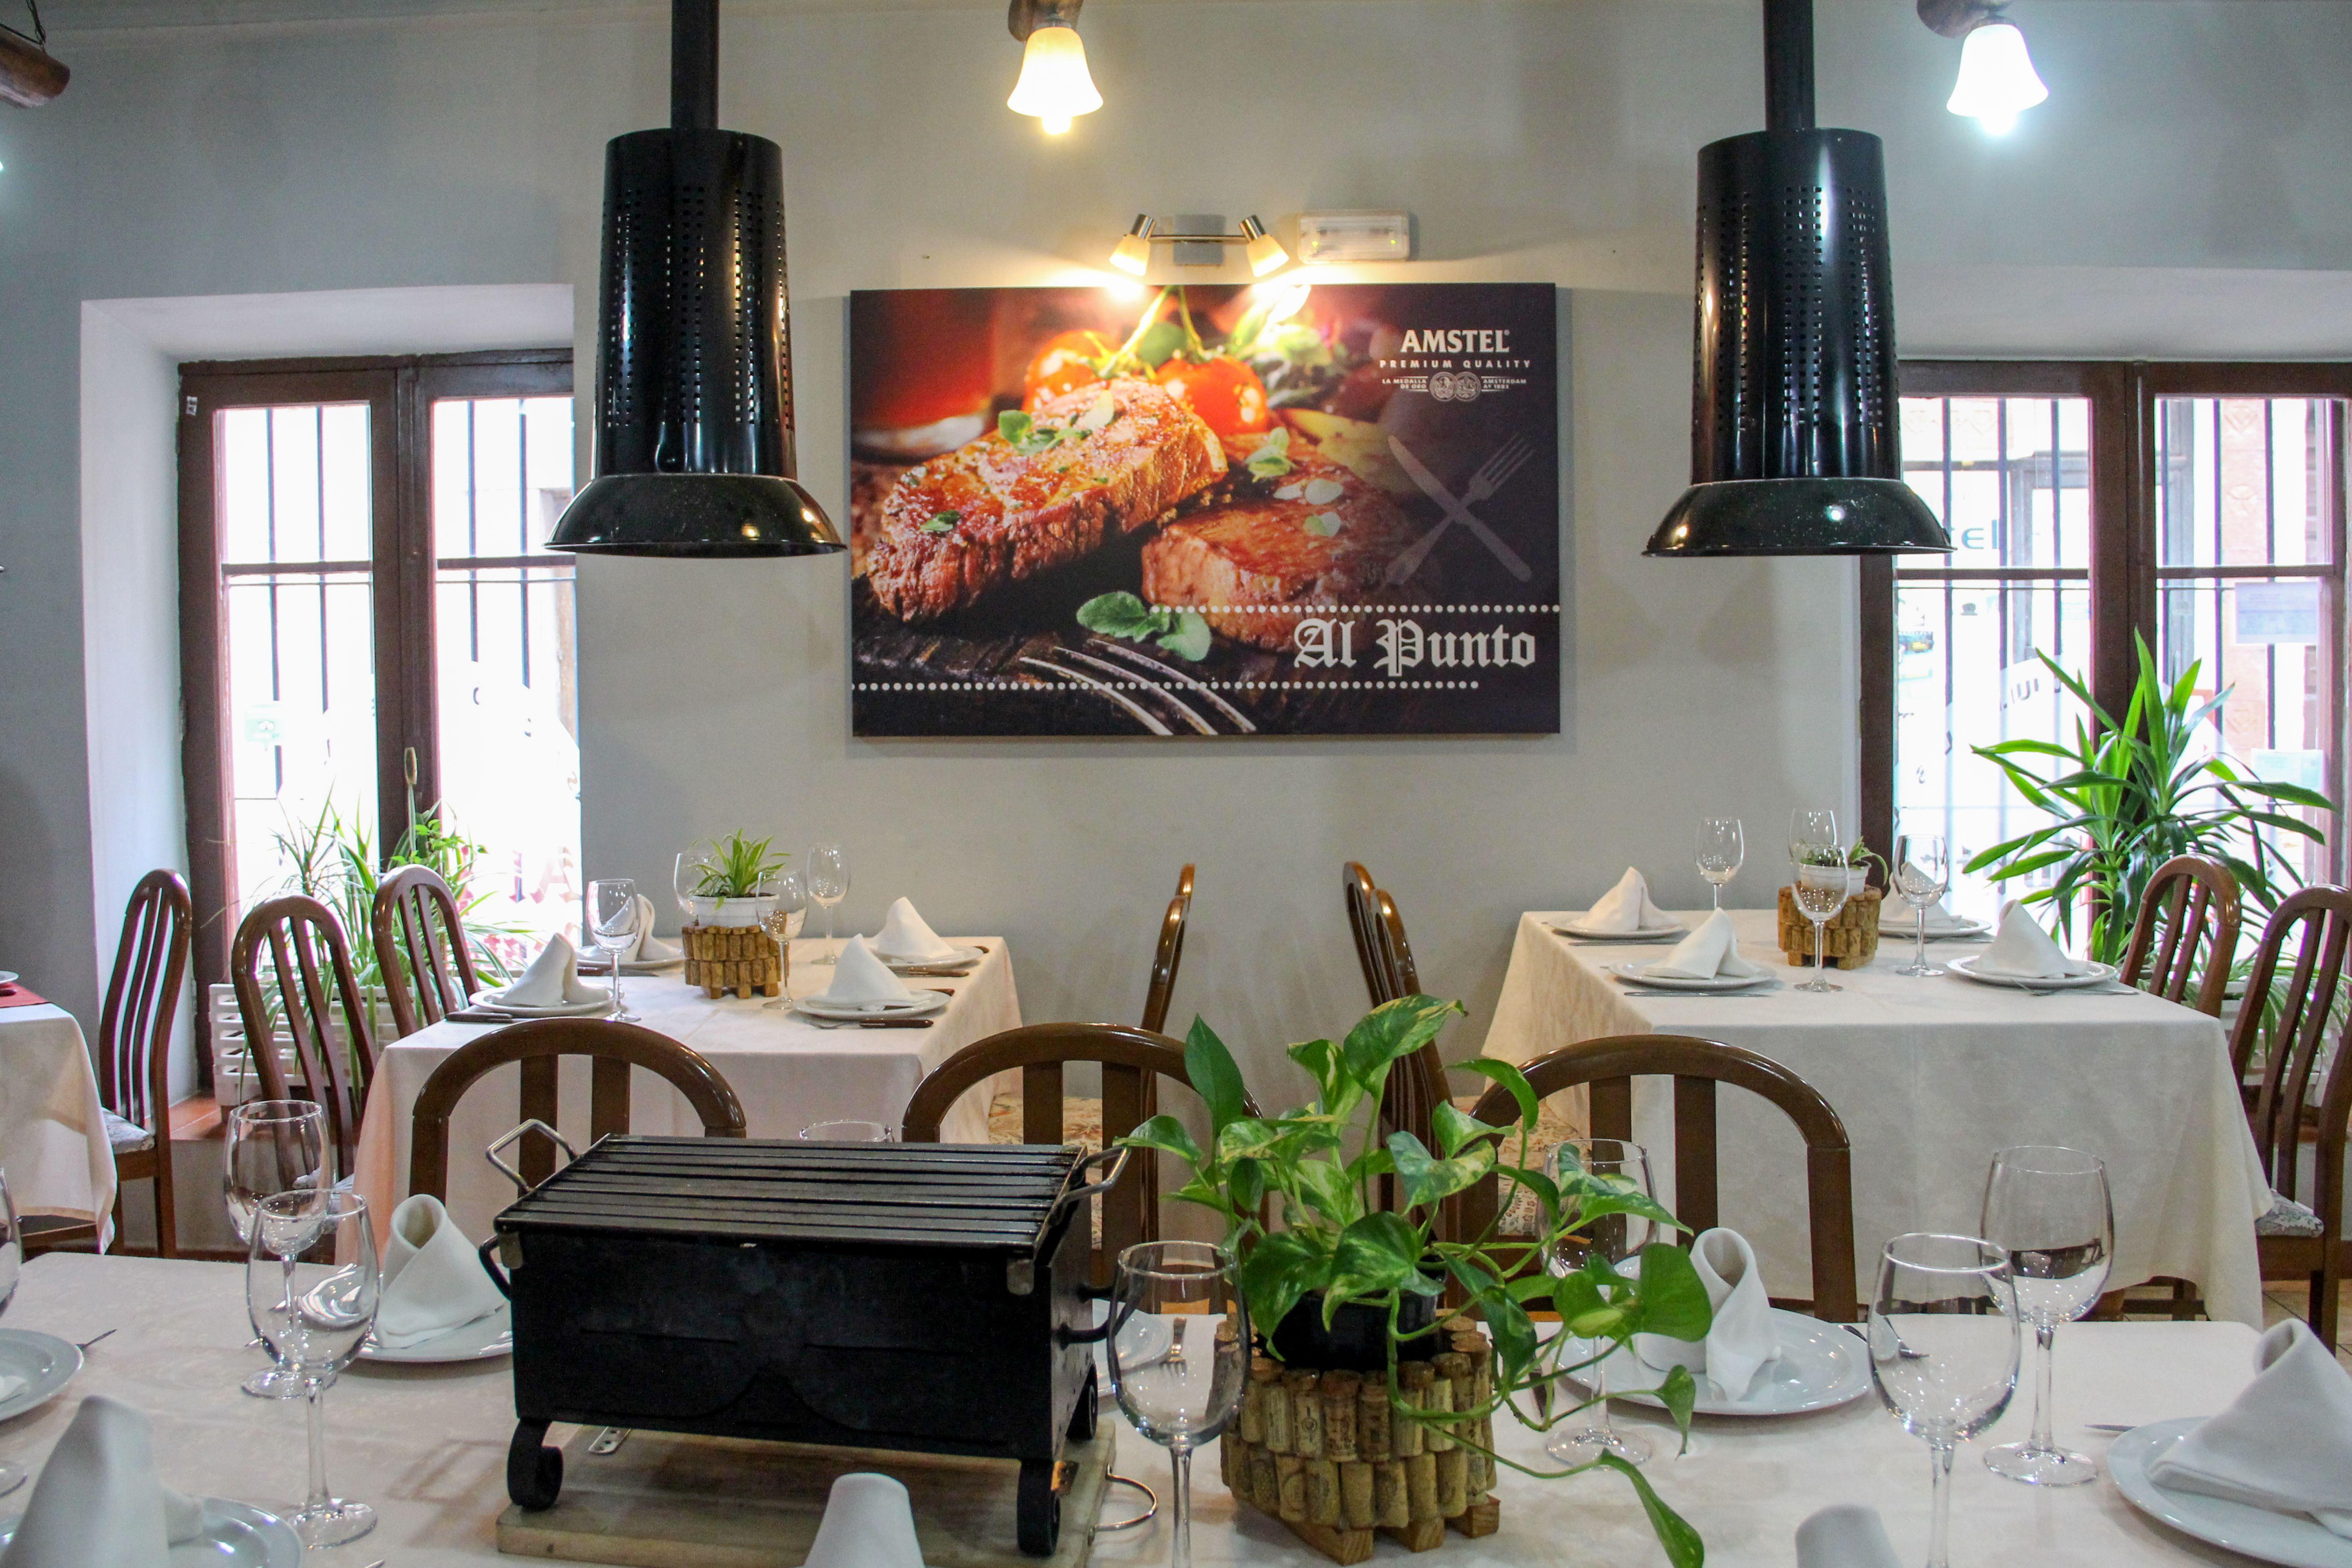 Foto 1 de Restaurante asador en Segovia en Segovia | Restaurante Al Punto